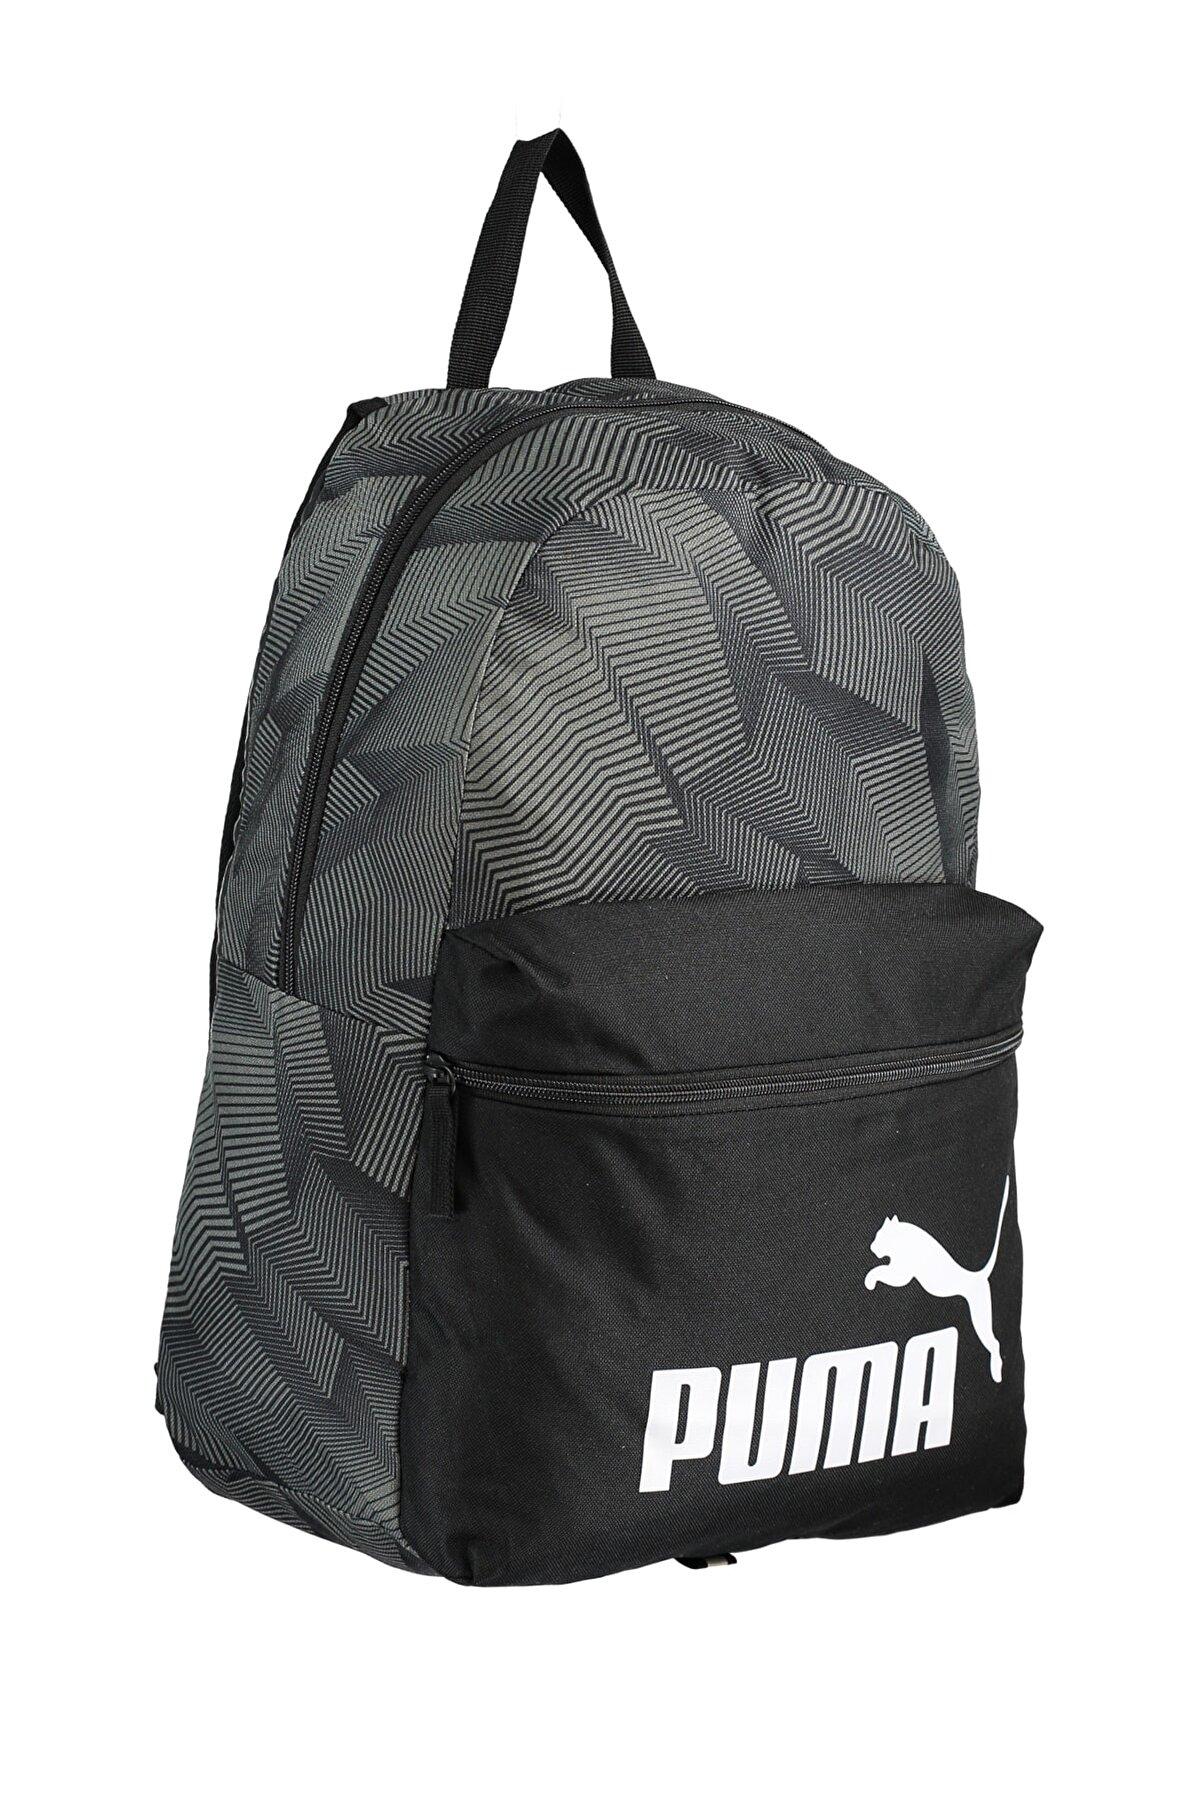 Puma Unisex Sırt Çantası - 07804601